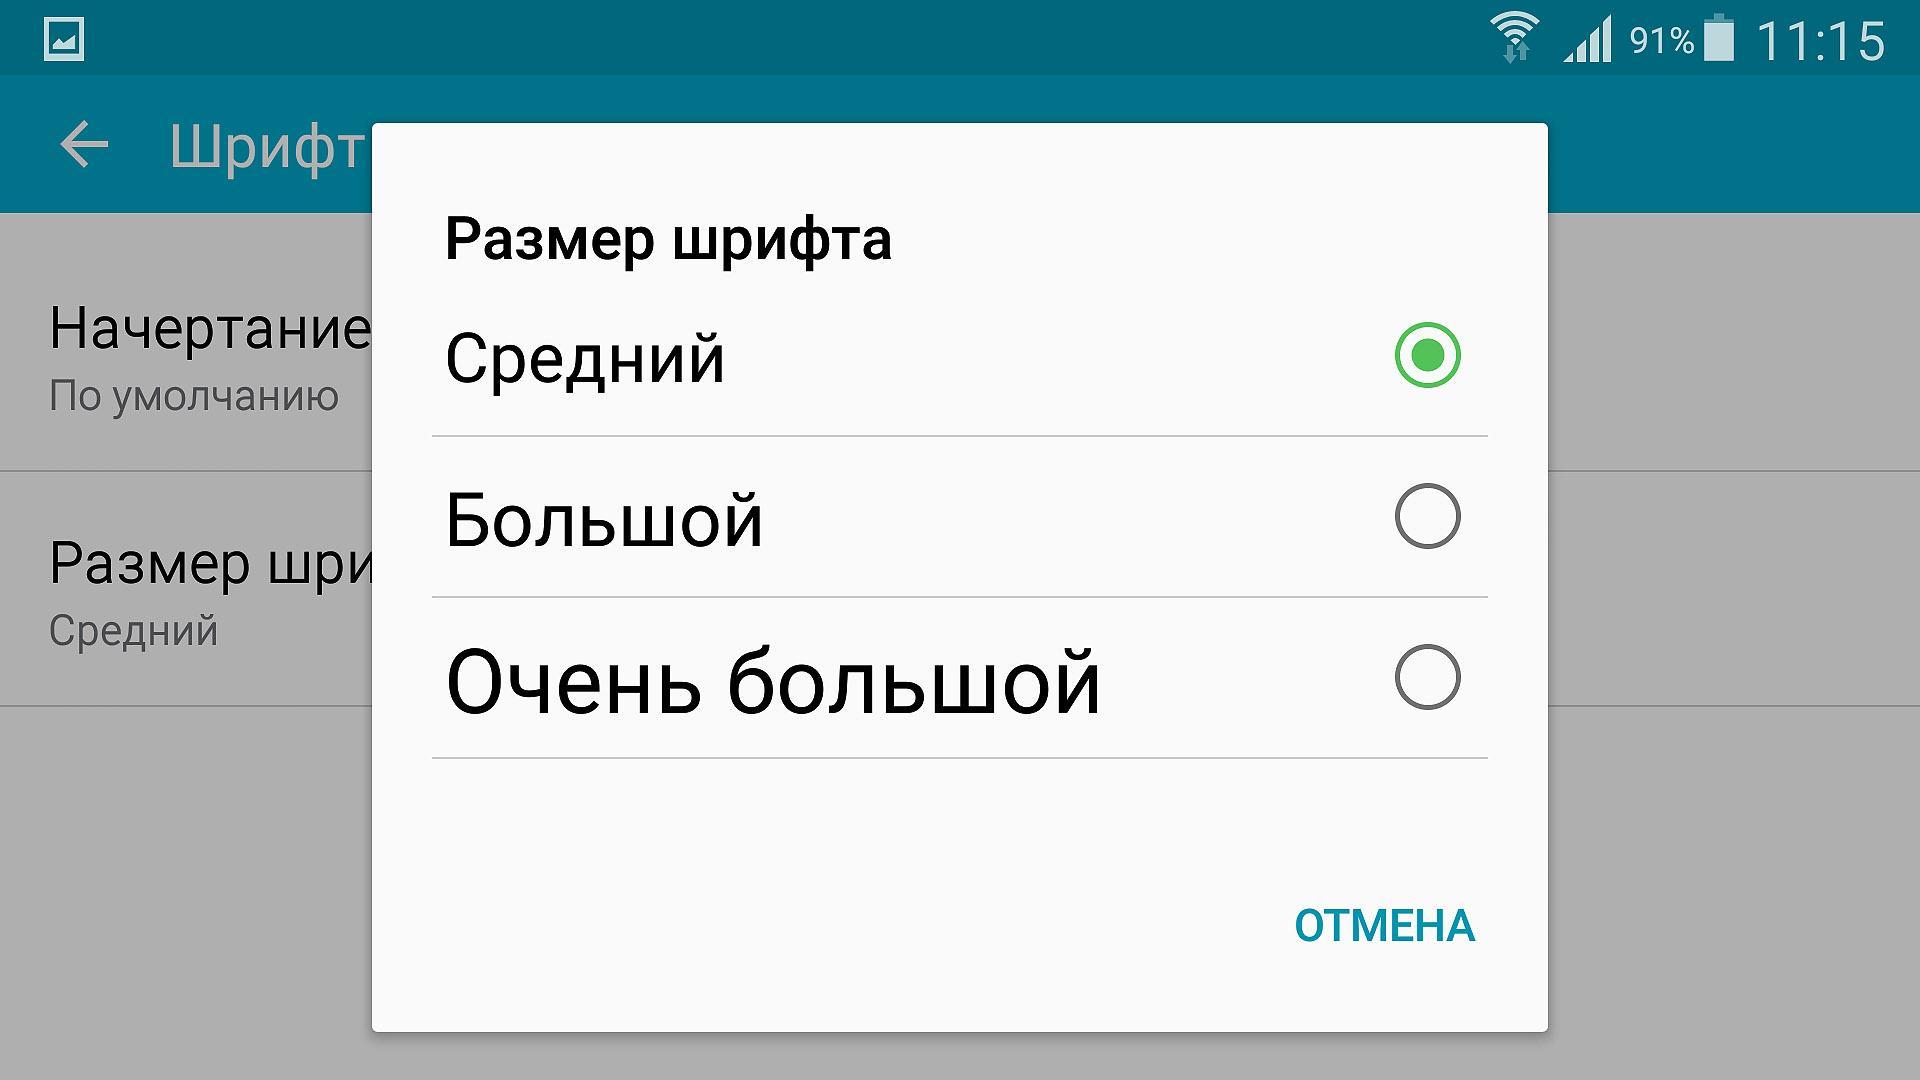 Увеличиваем шрифт на смартфоне или планшете с Android